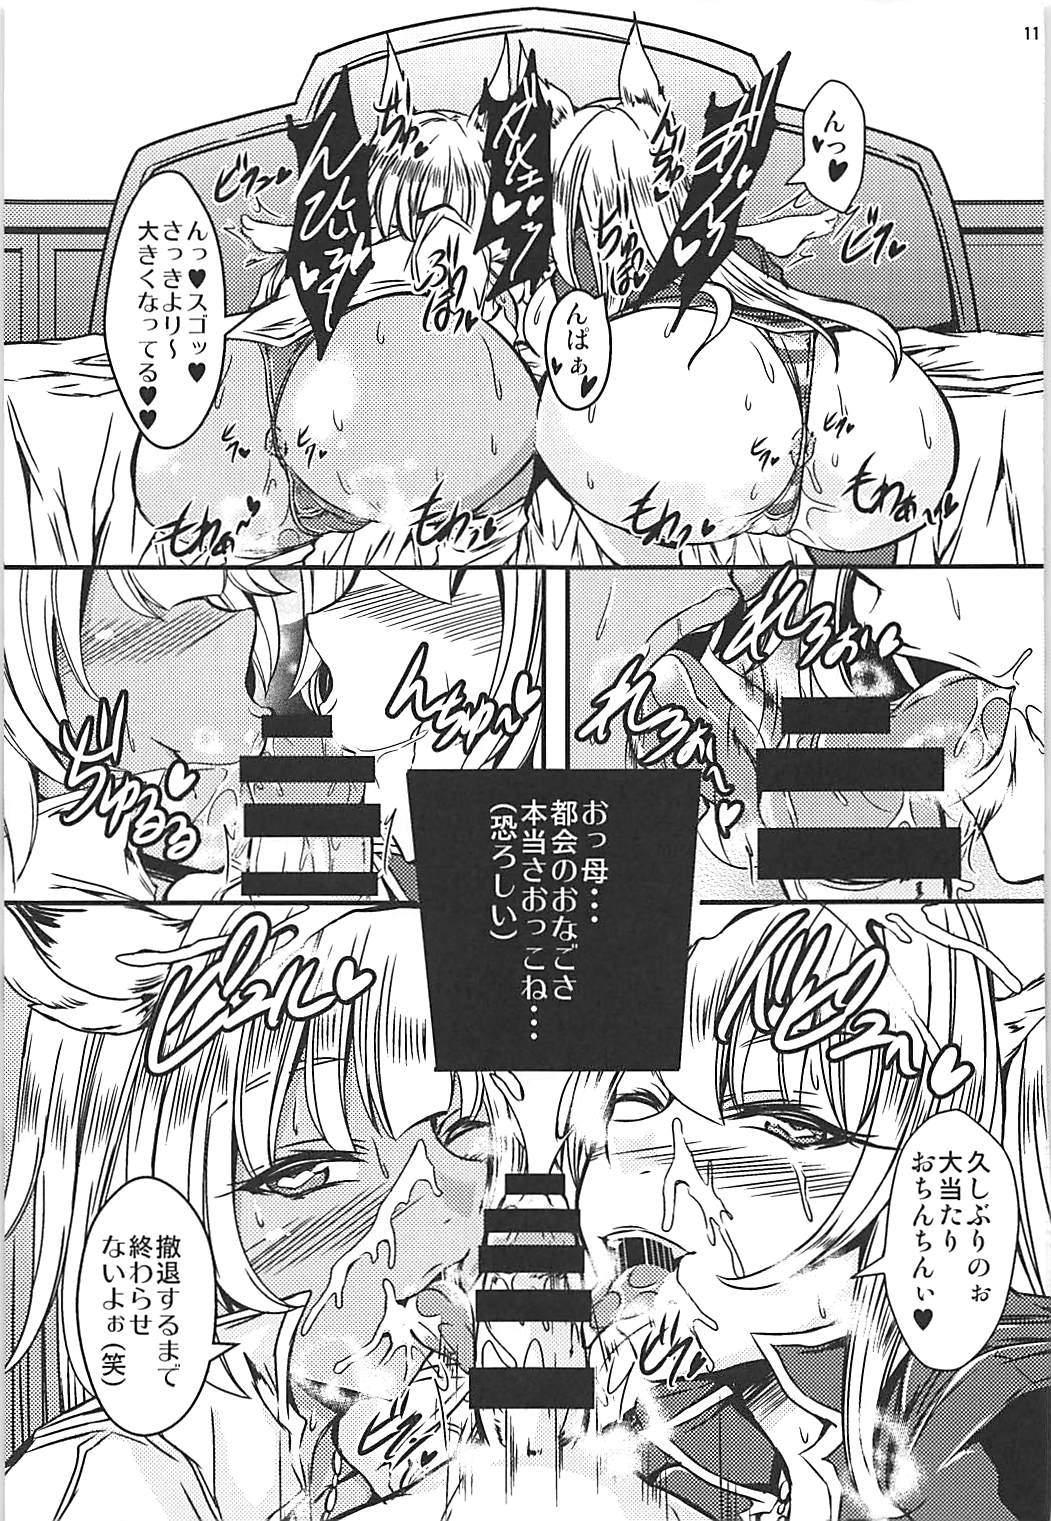 クロエのぉフェラでぇ~wい~っぱいおちんちんにぃバフかけちゃうよぉwww【グラブル エロ漫画・エロ同人】 (10)